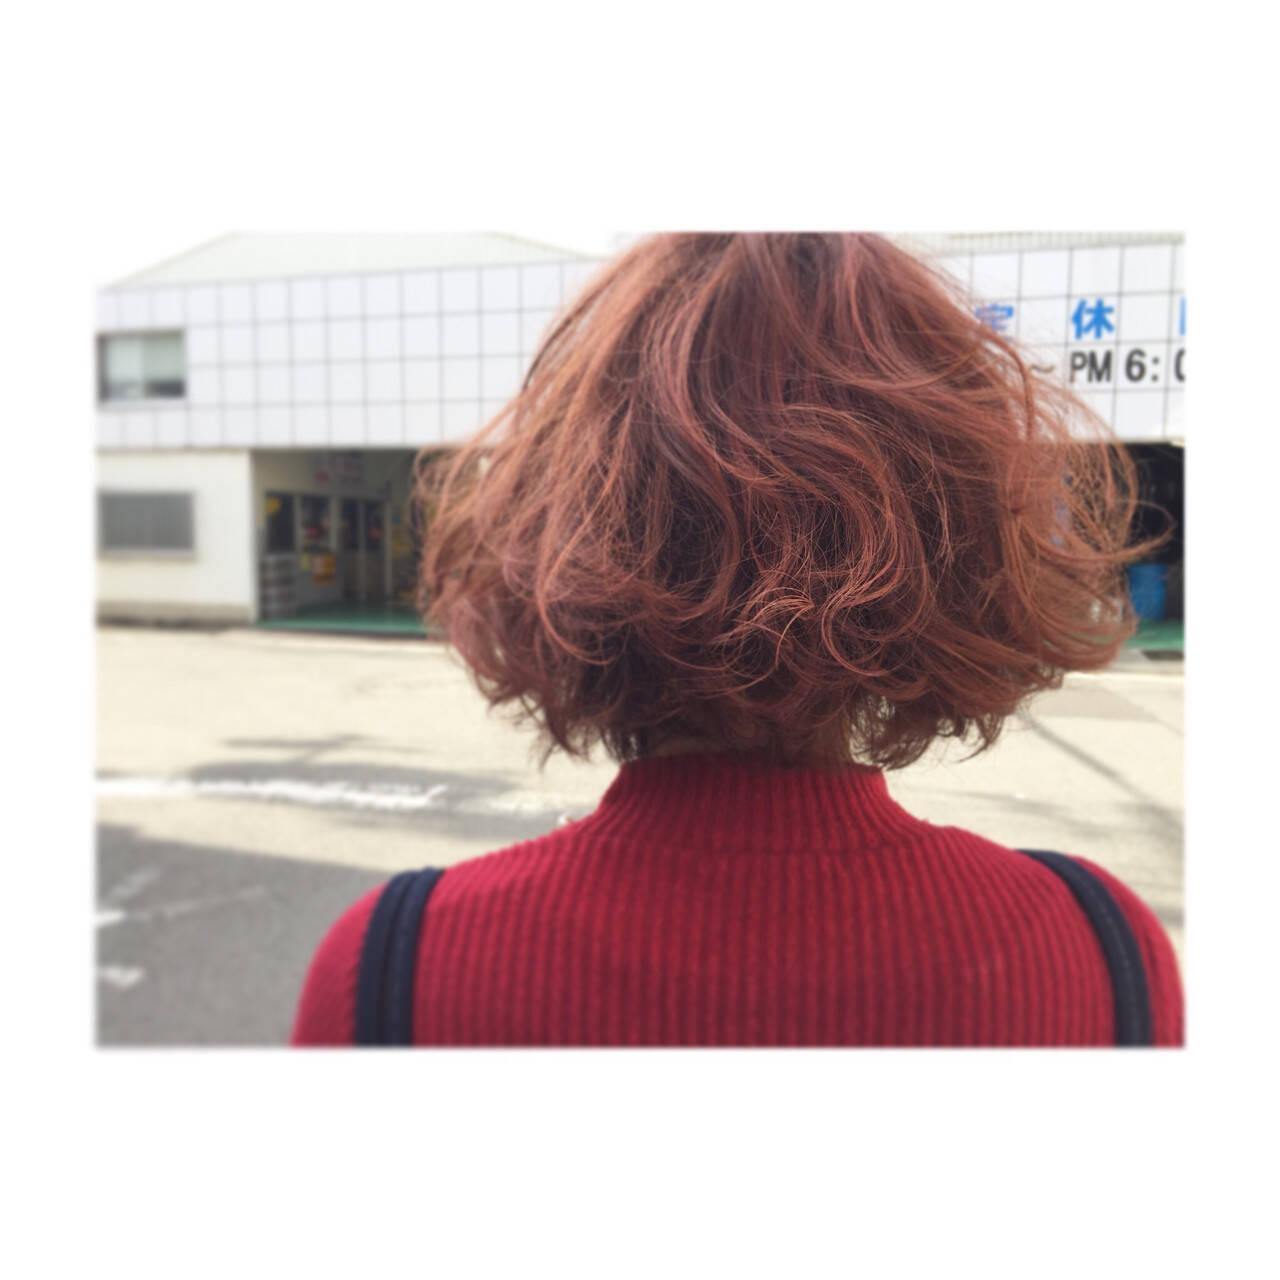 ピンク ミディアム ガーリー レッドヘアスタイルや髪型の写真・画像